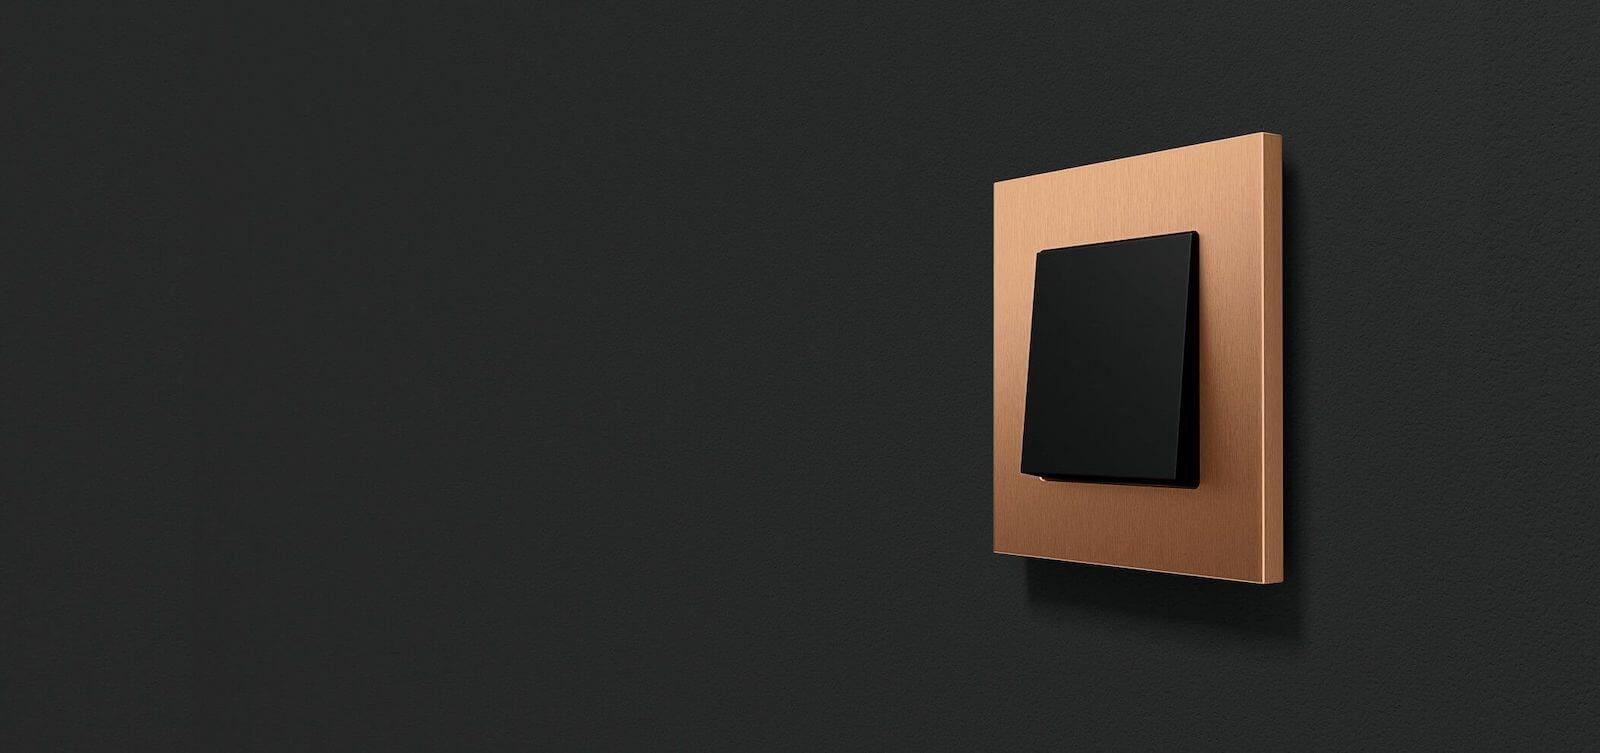 Gira Esprit Bronze auf dunklem Hintergrund